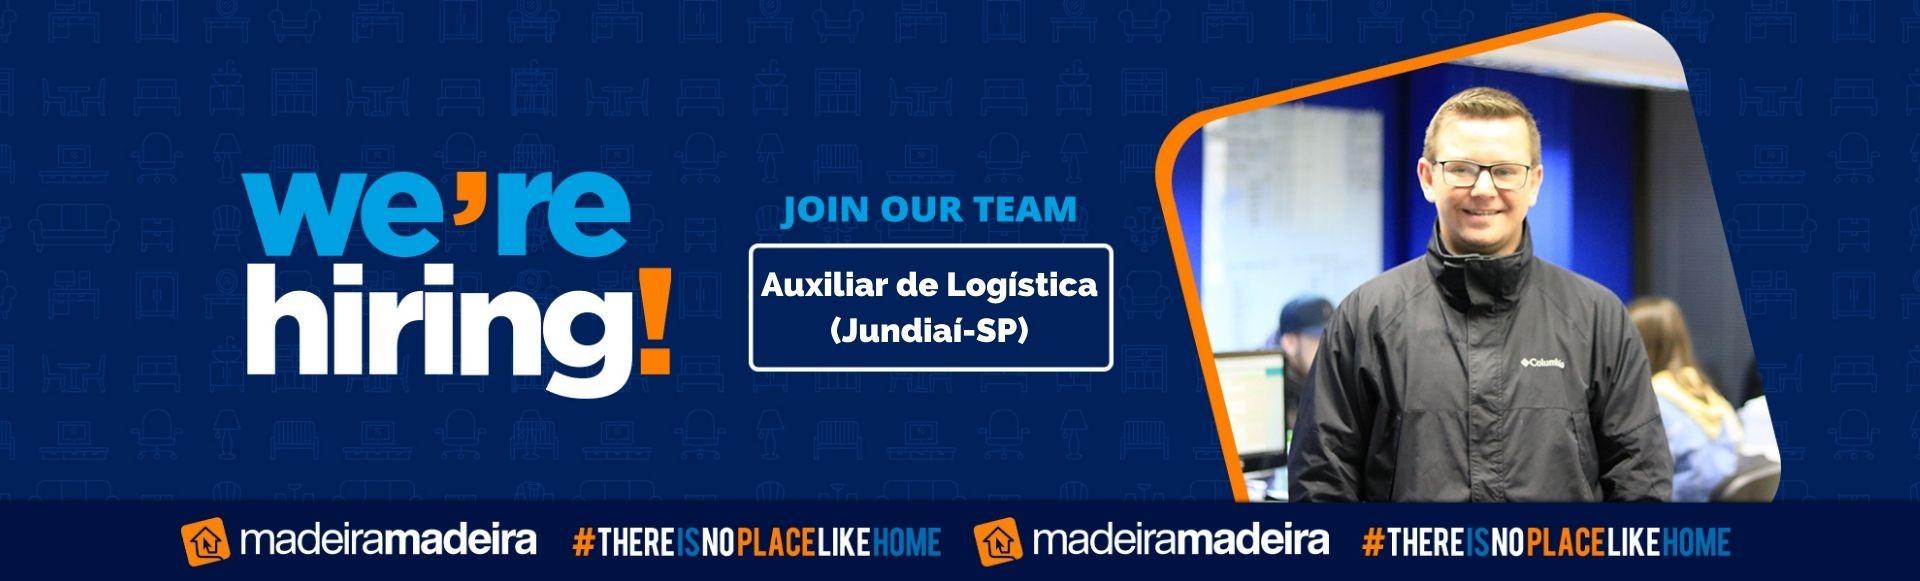 Auxiliar de Logística (Jundiaí-SP)